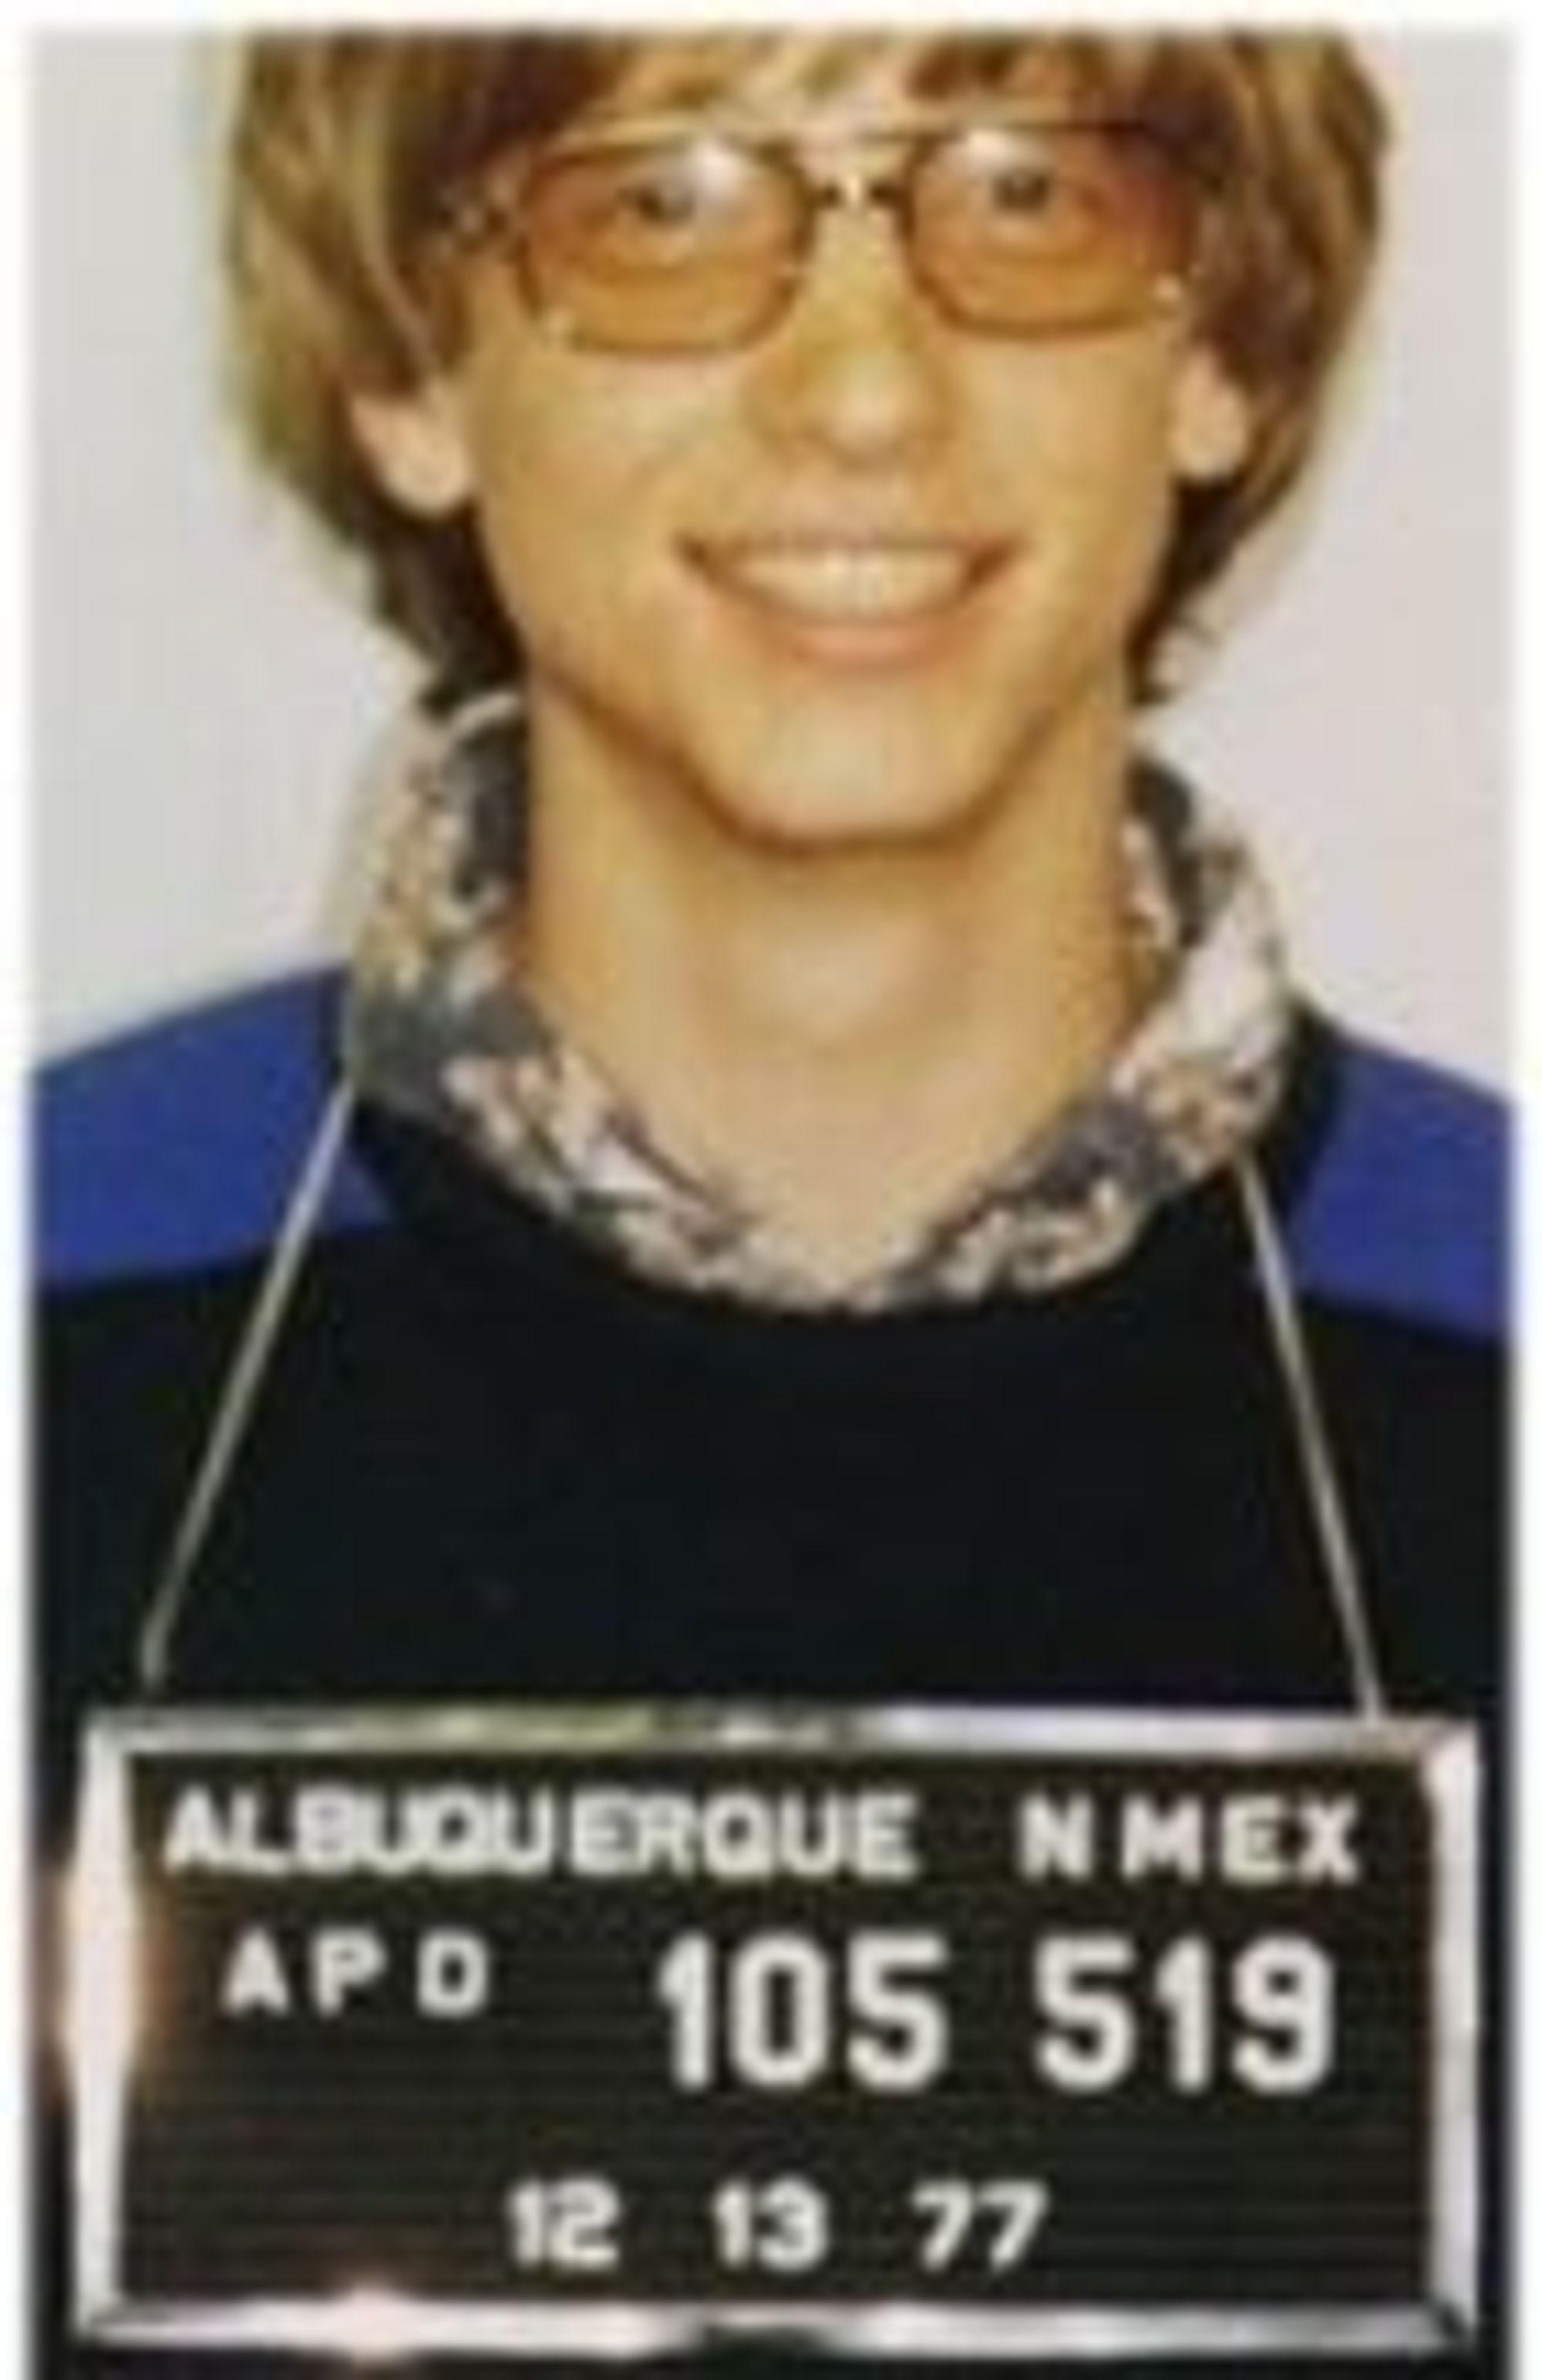 I mai 1977 ble Gates arrestert i New Mexico etter et trafikkuhell etter sigende forårsaket av høy fart. Dette bildet skal være autentisk.